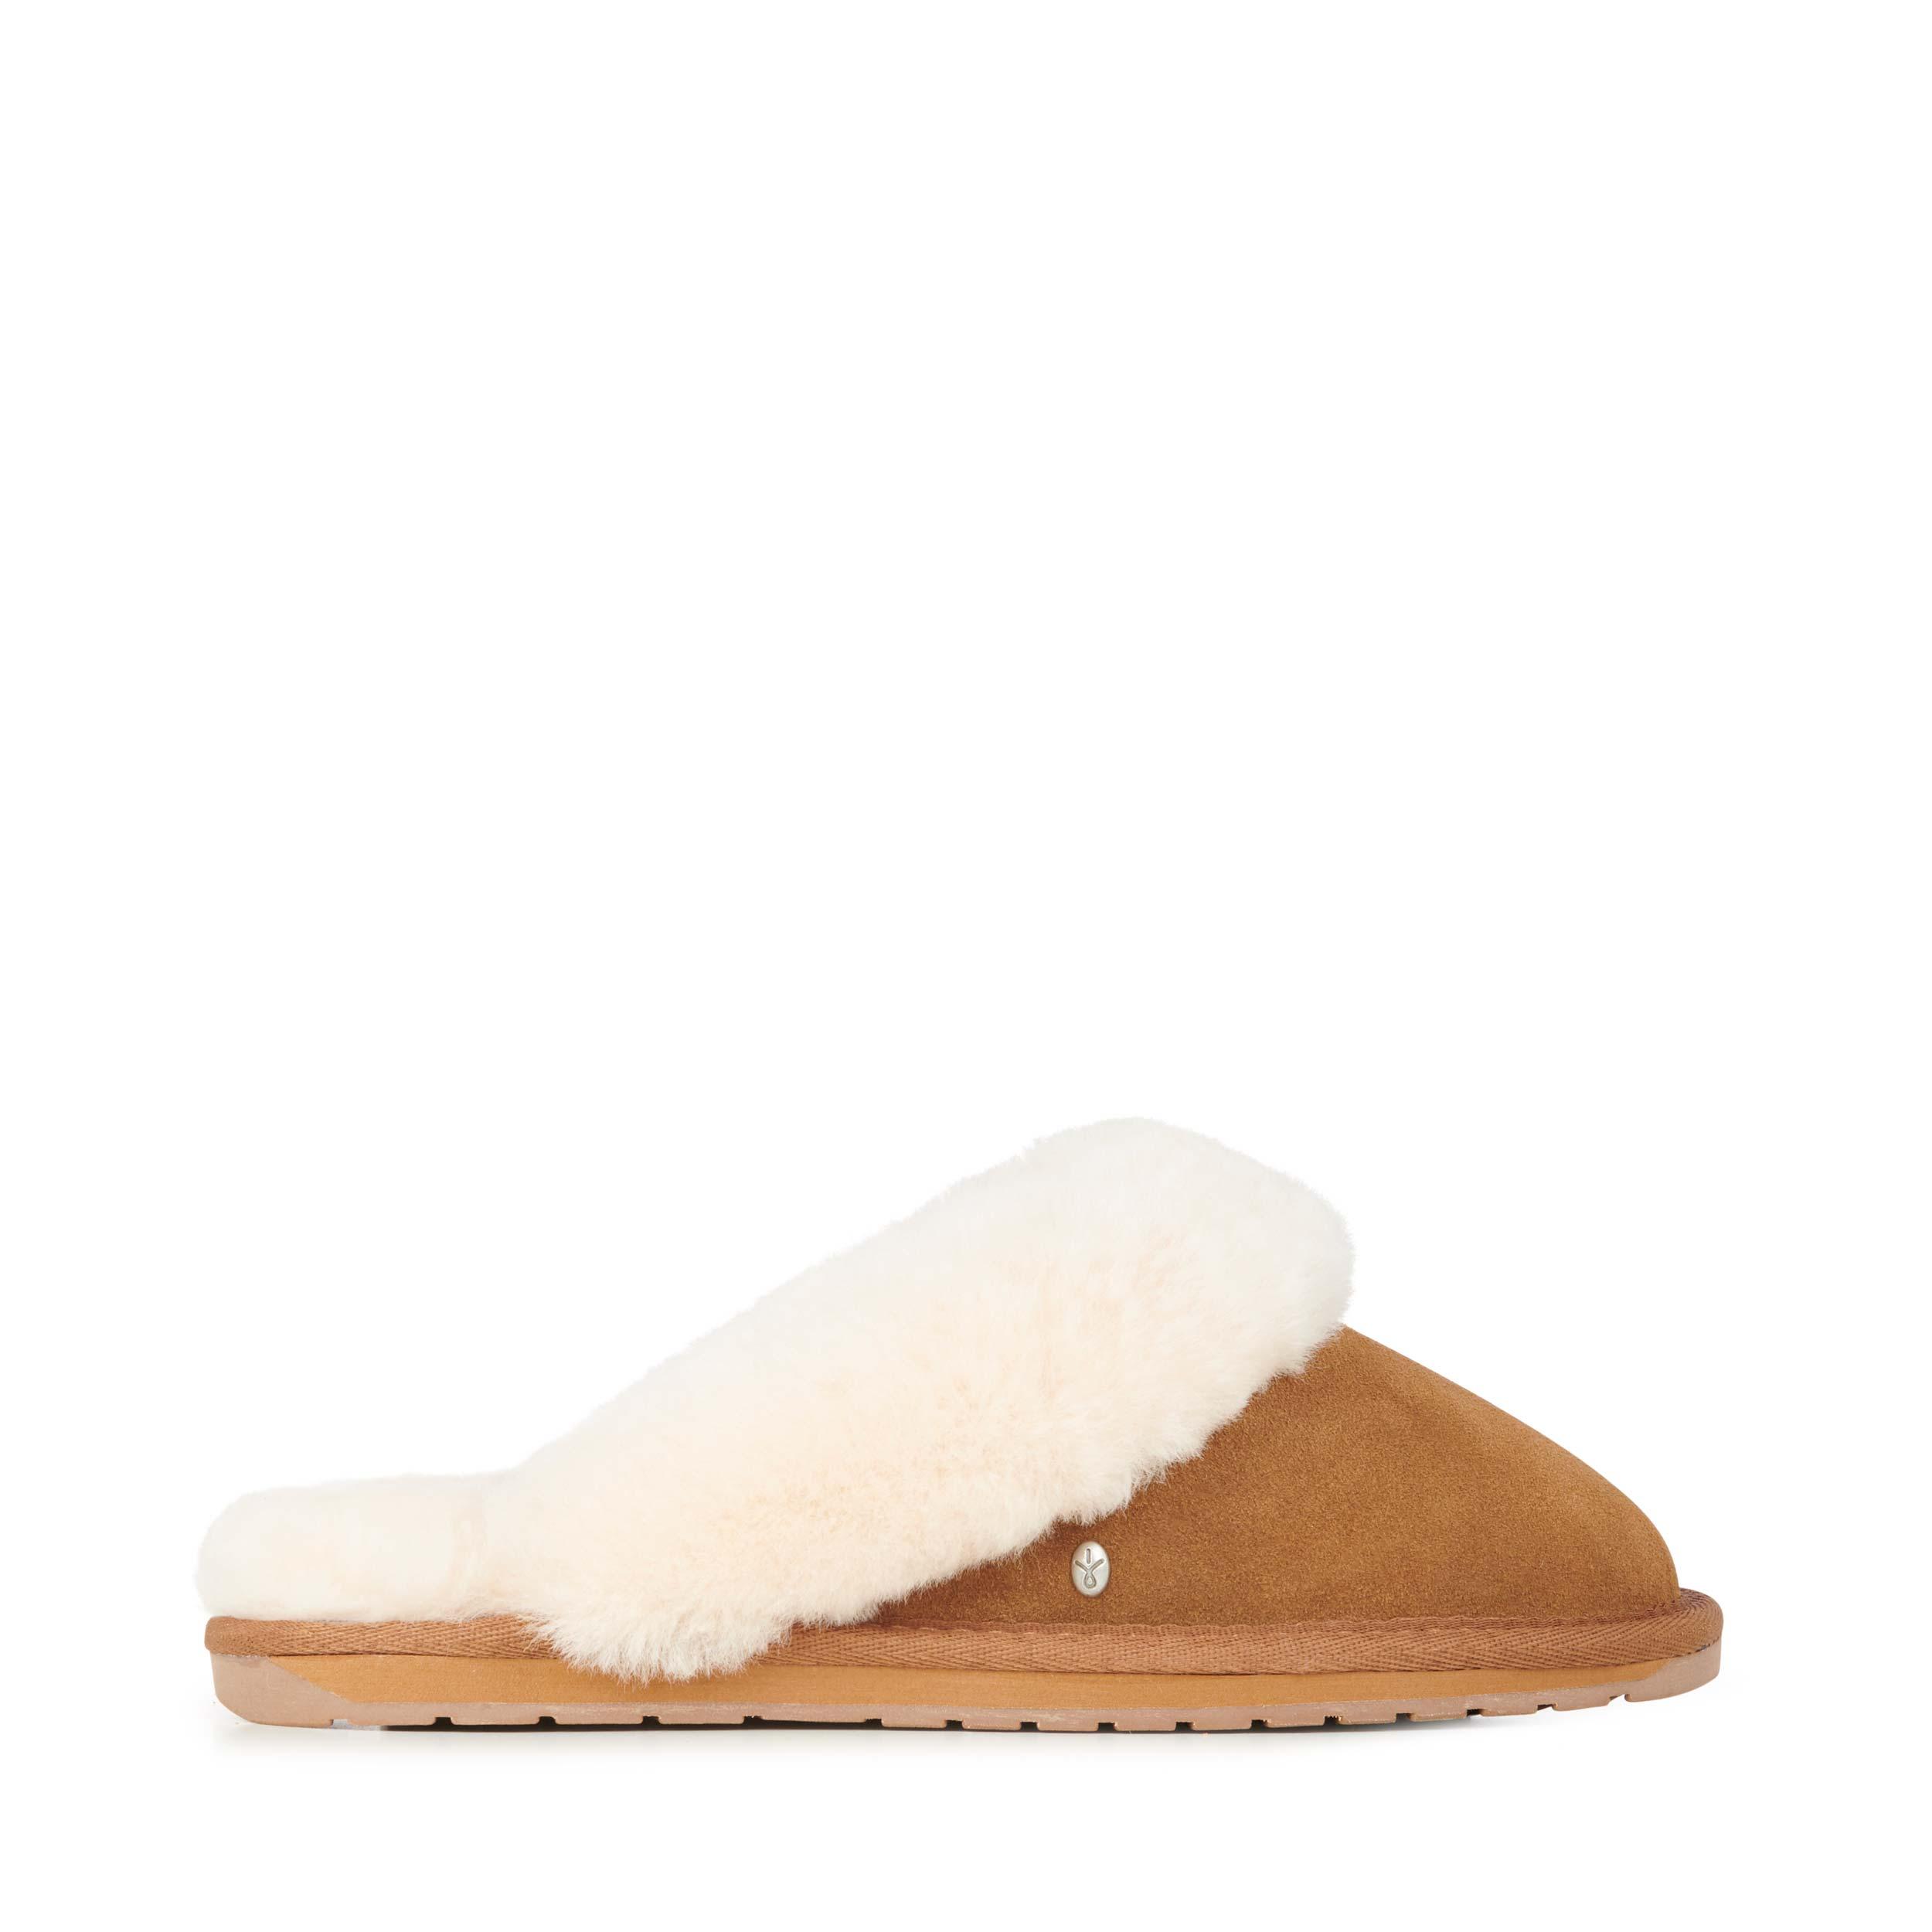 Emu Australia Jolie slippers in Chestnut